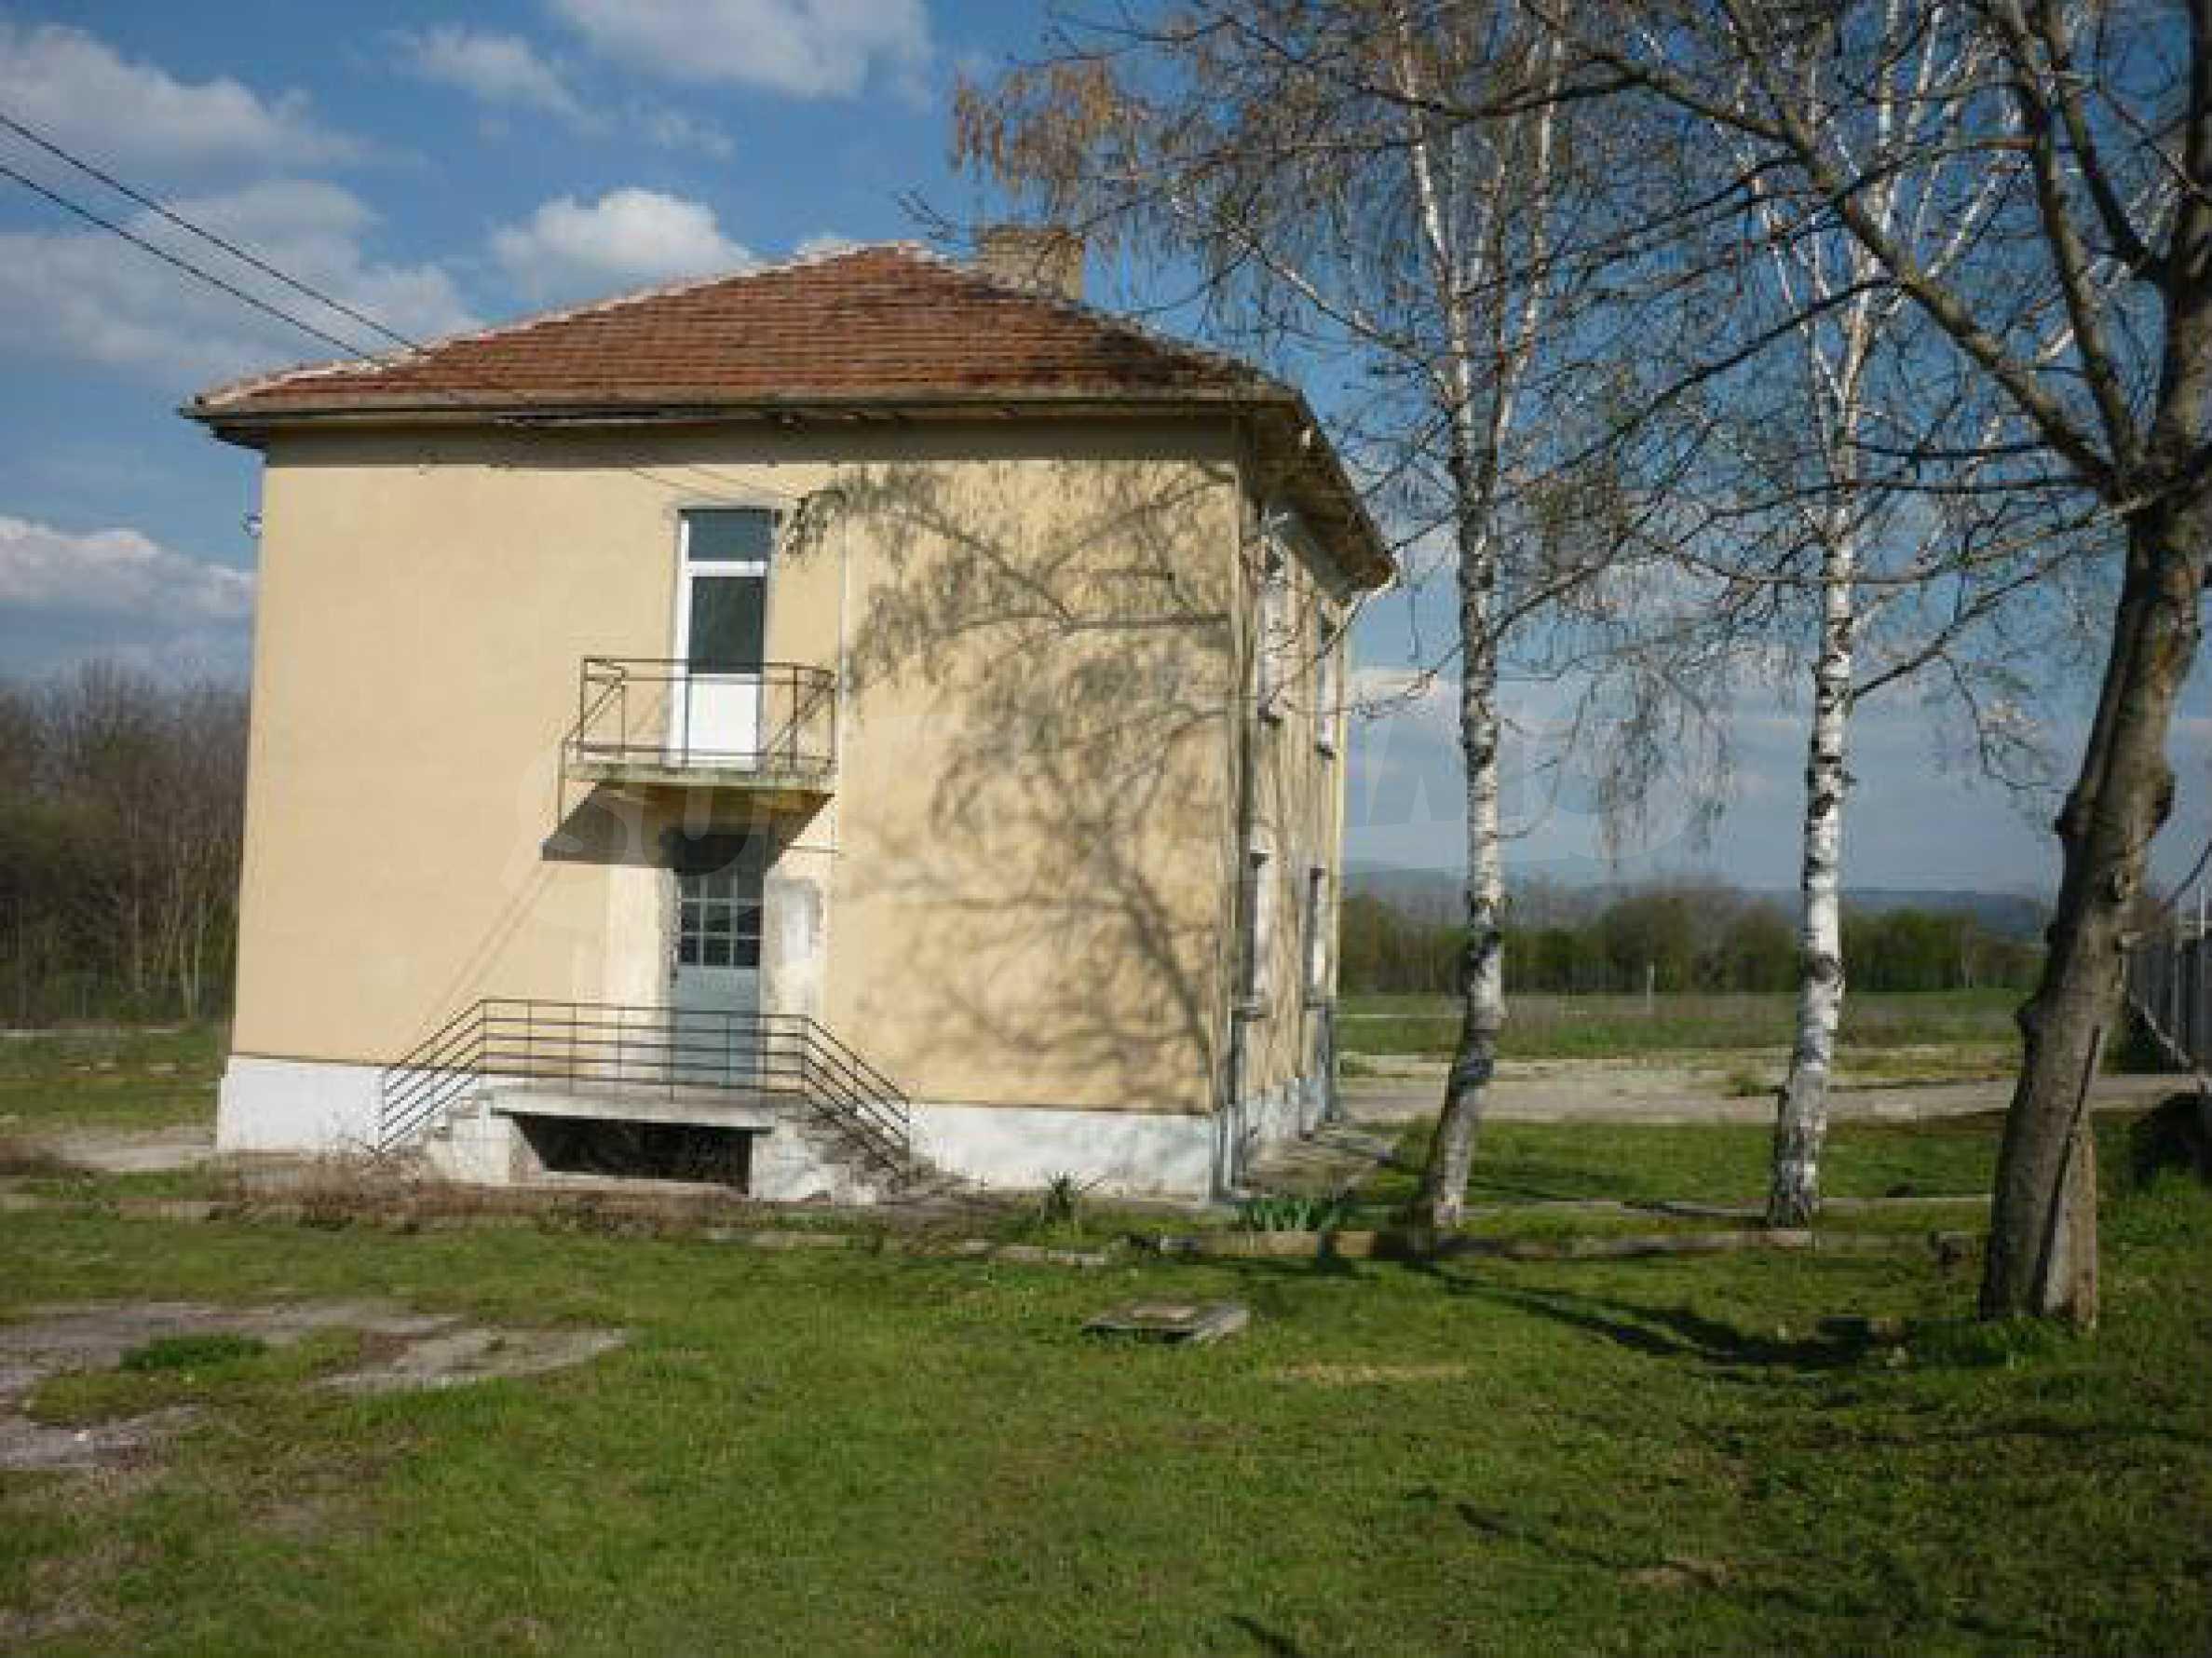 Industriegelände in einem Dorf 6 km von der Stadt Lovech entfernt 7